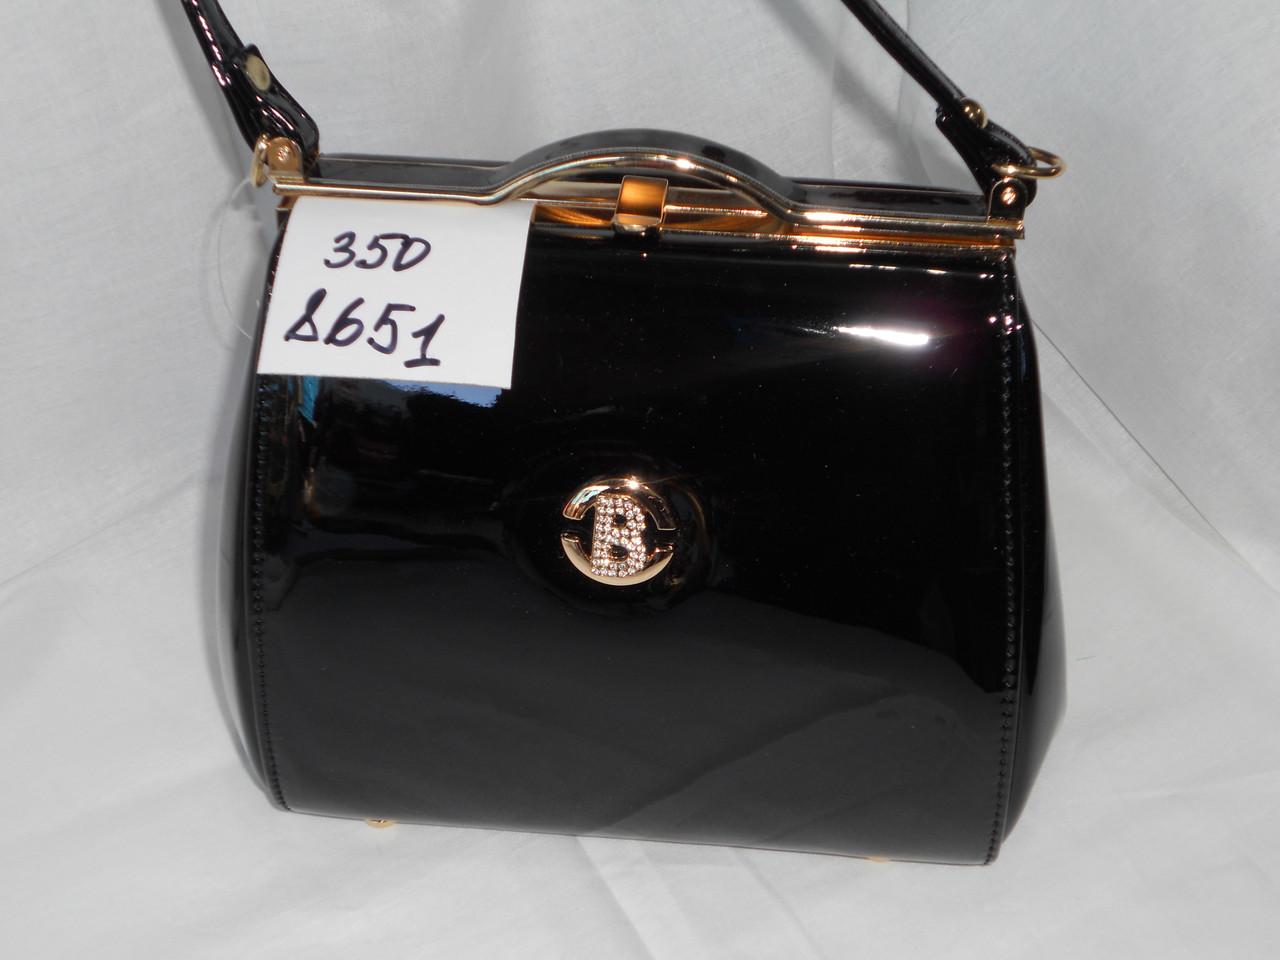 5d6e1884b885 Женский клатч вечерний лаковый праздничный со стразами жемчужный сумка  вечерняя (21*19 см) ...